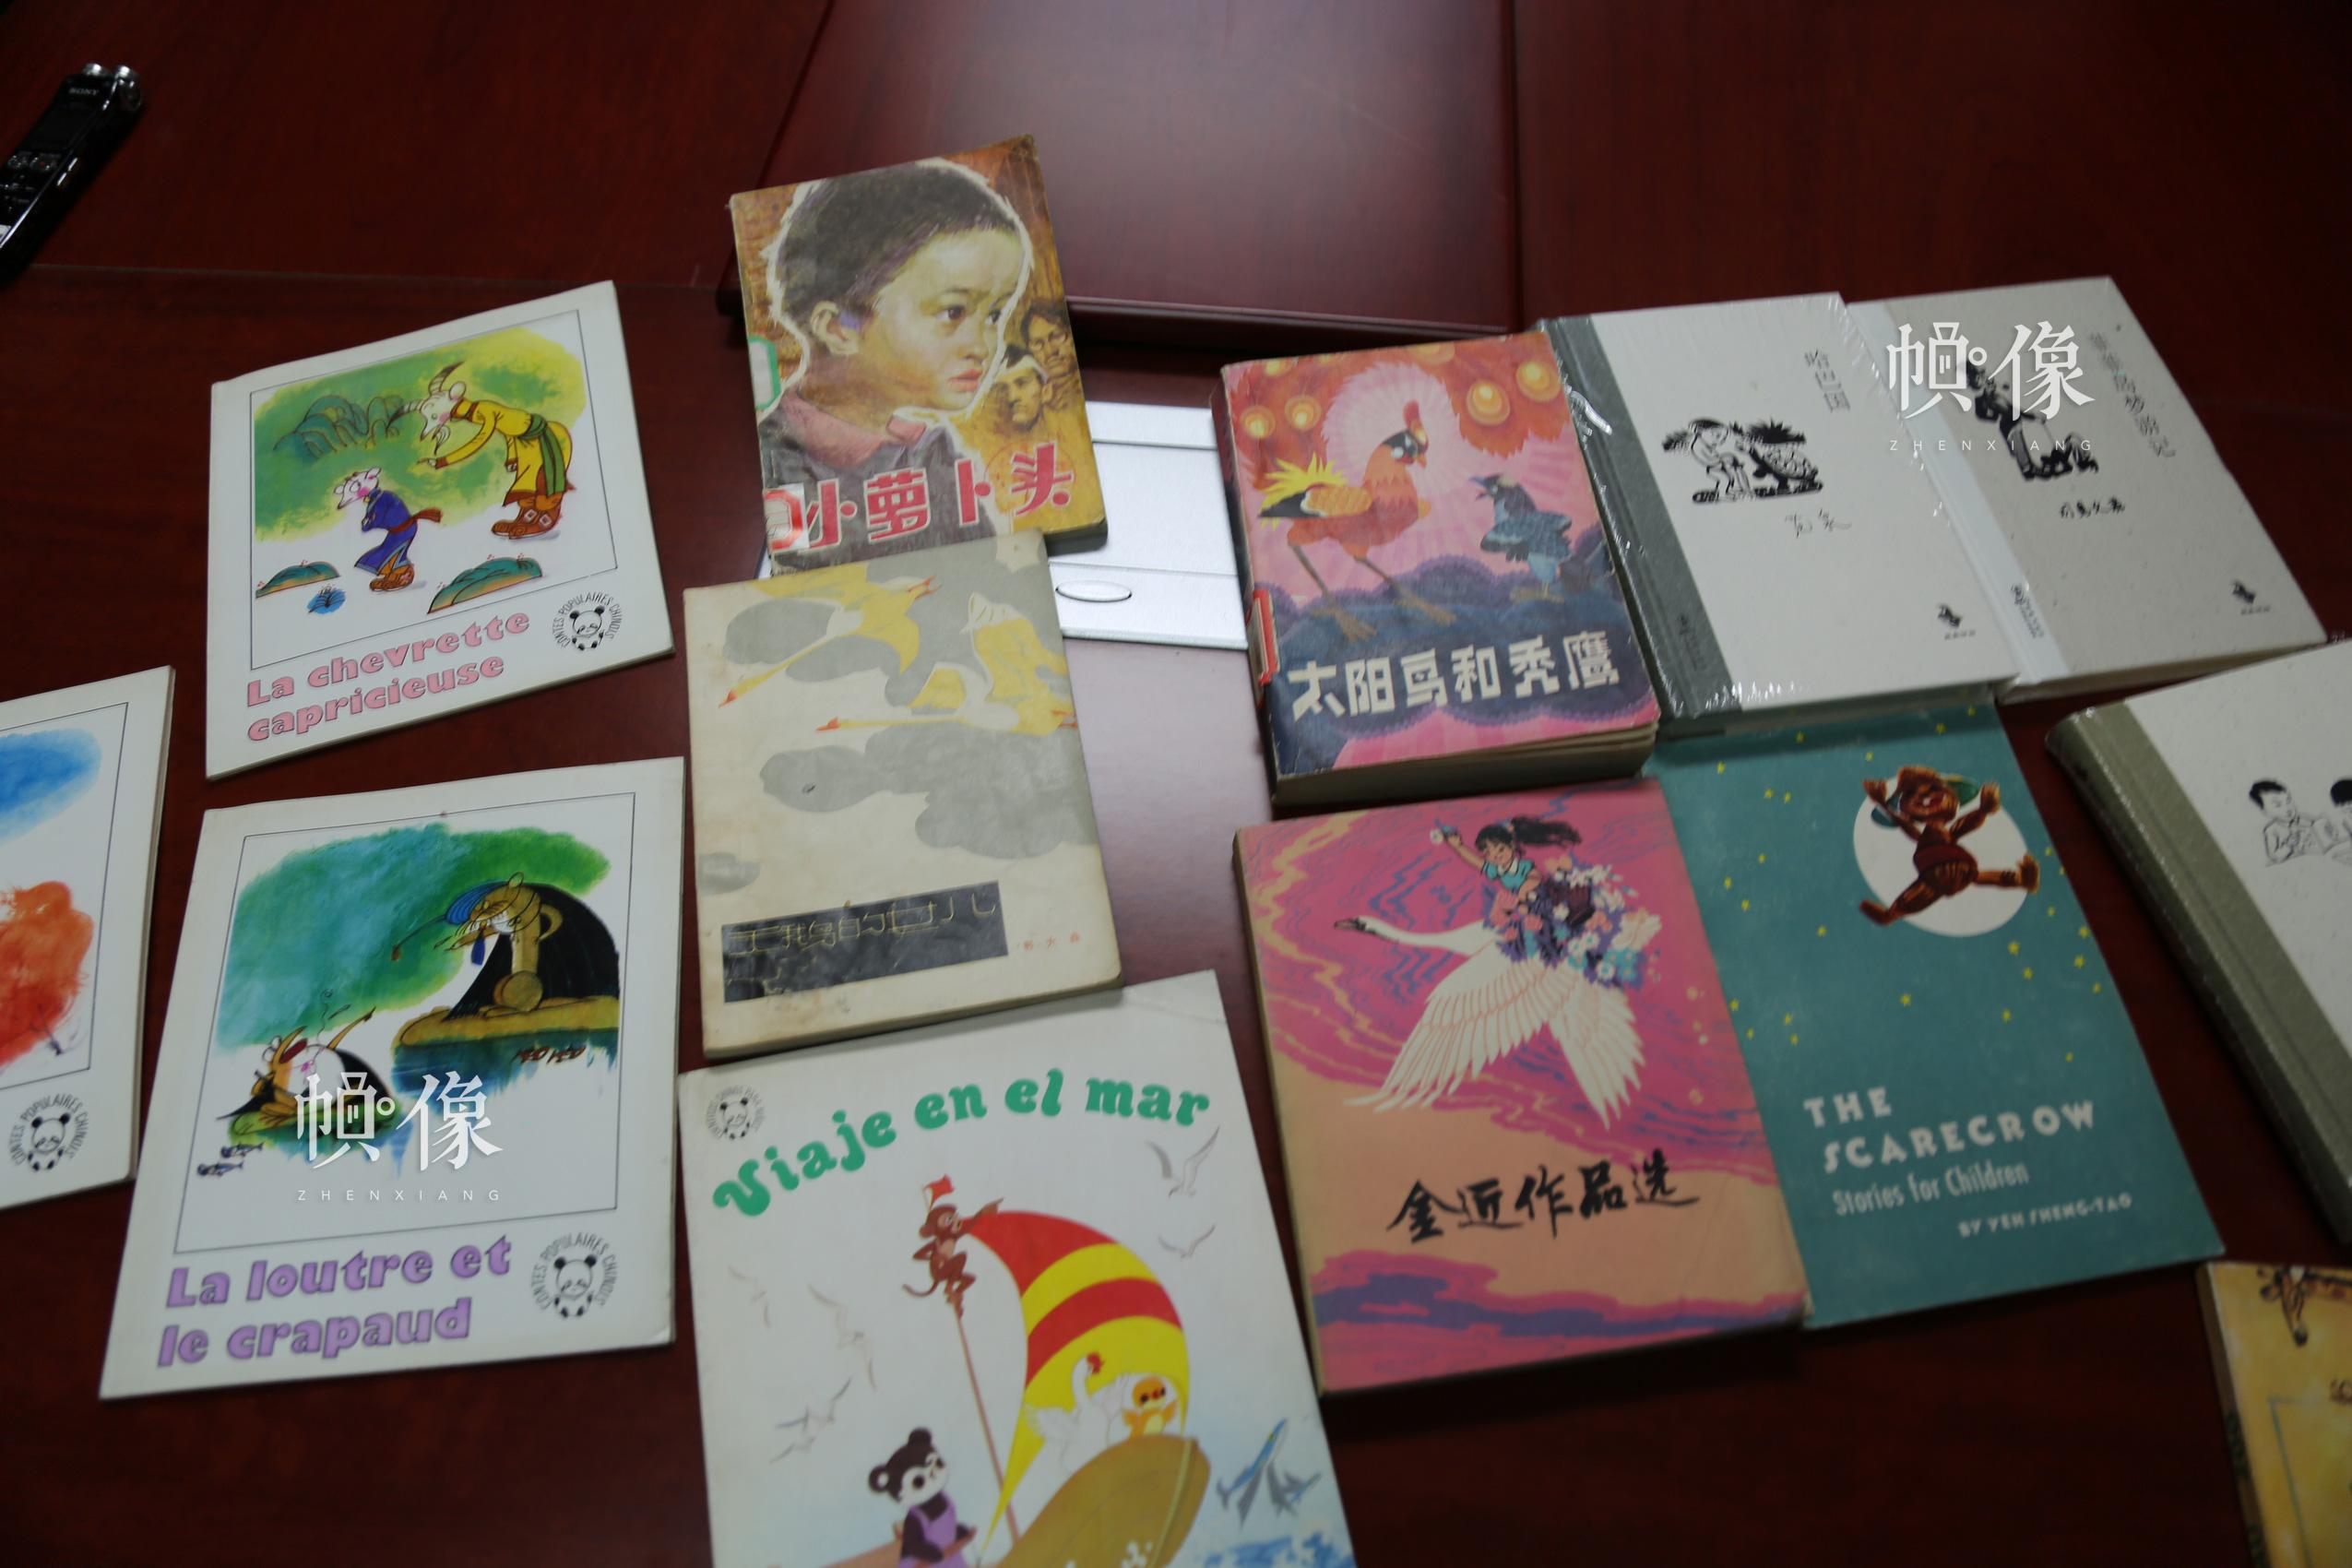 图为海豚出版社出版的一些图书。 中国网记者 赵超 摄